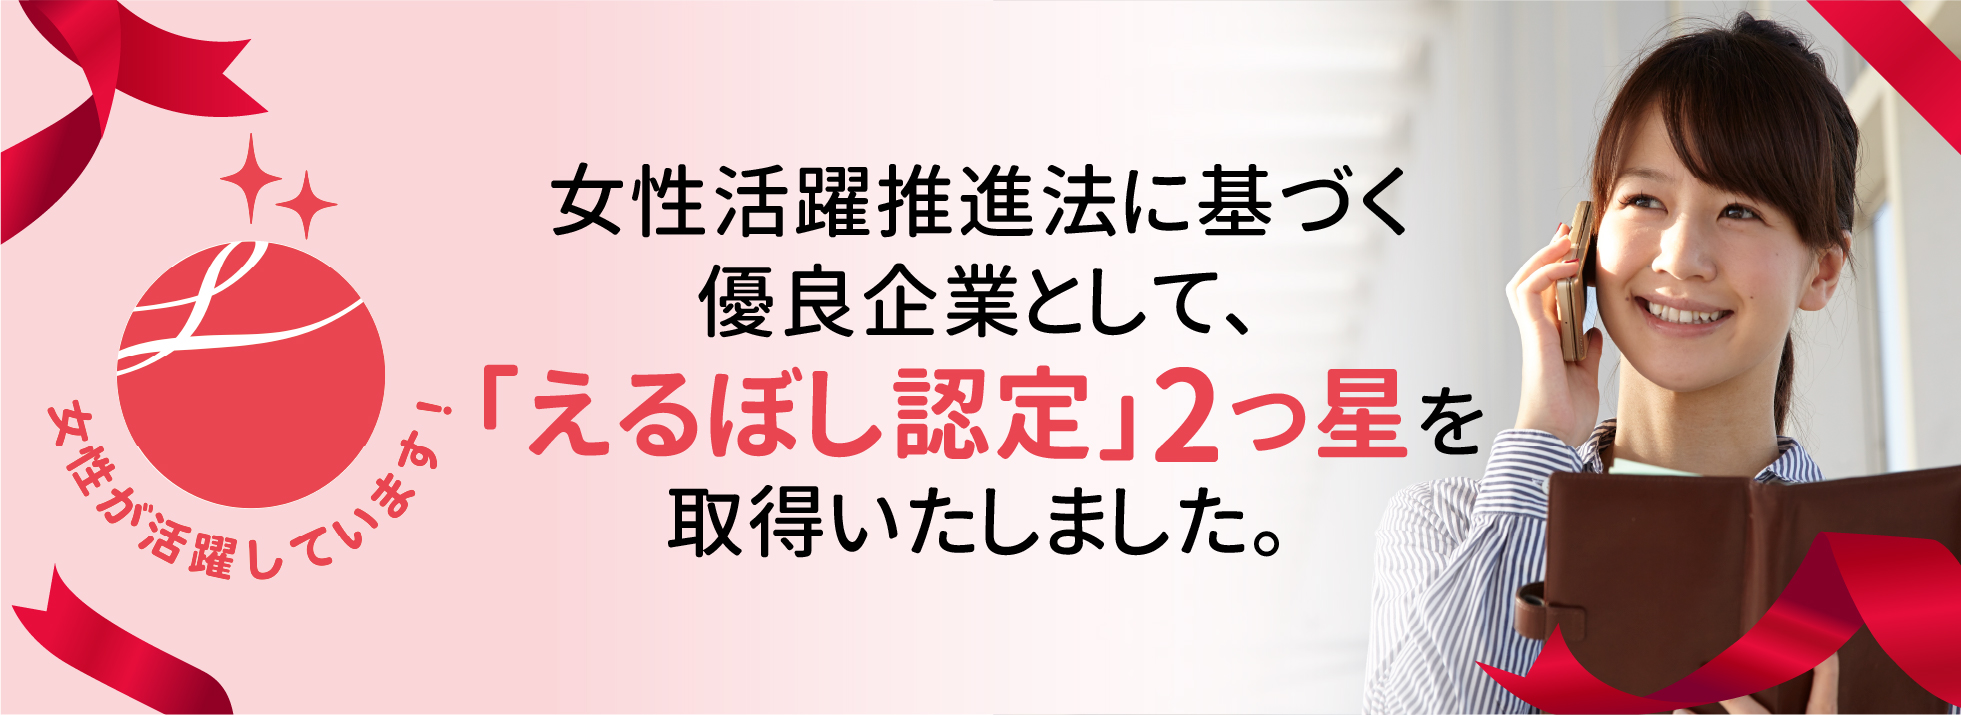 """""""女性活躍推進の優良企業として厚生労働大臣認定「えるぼし」2つ星認定を取得"""""""